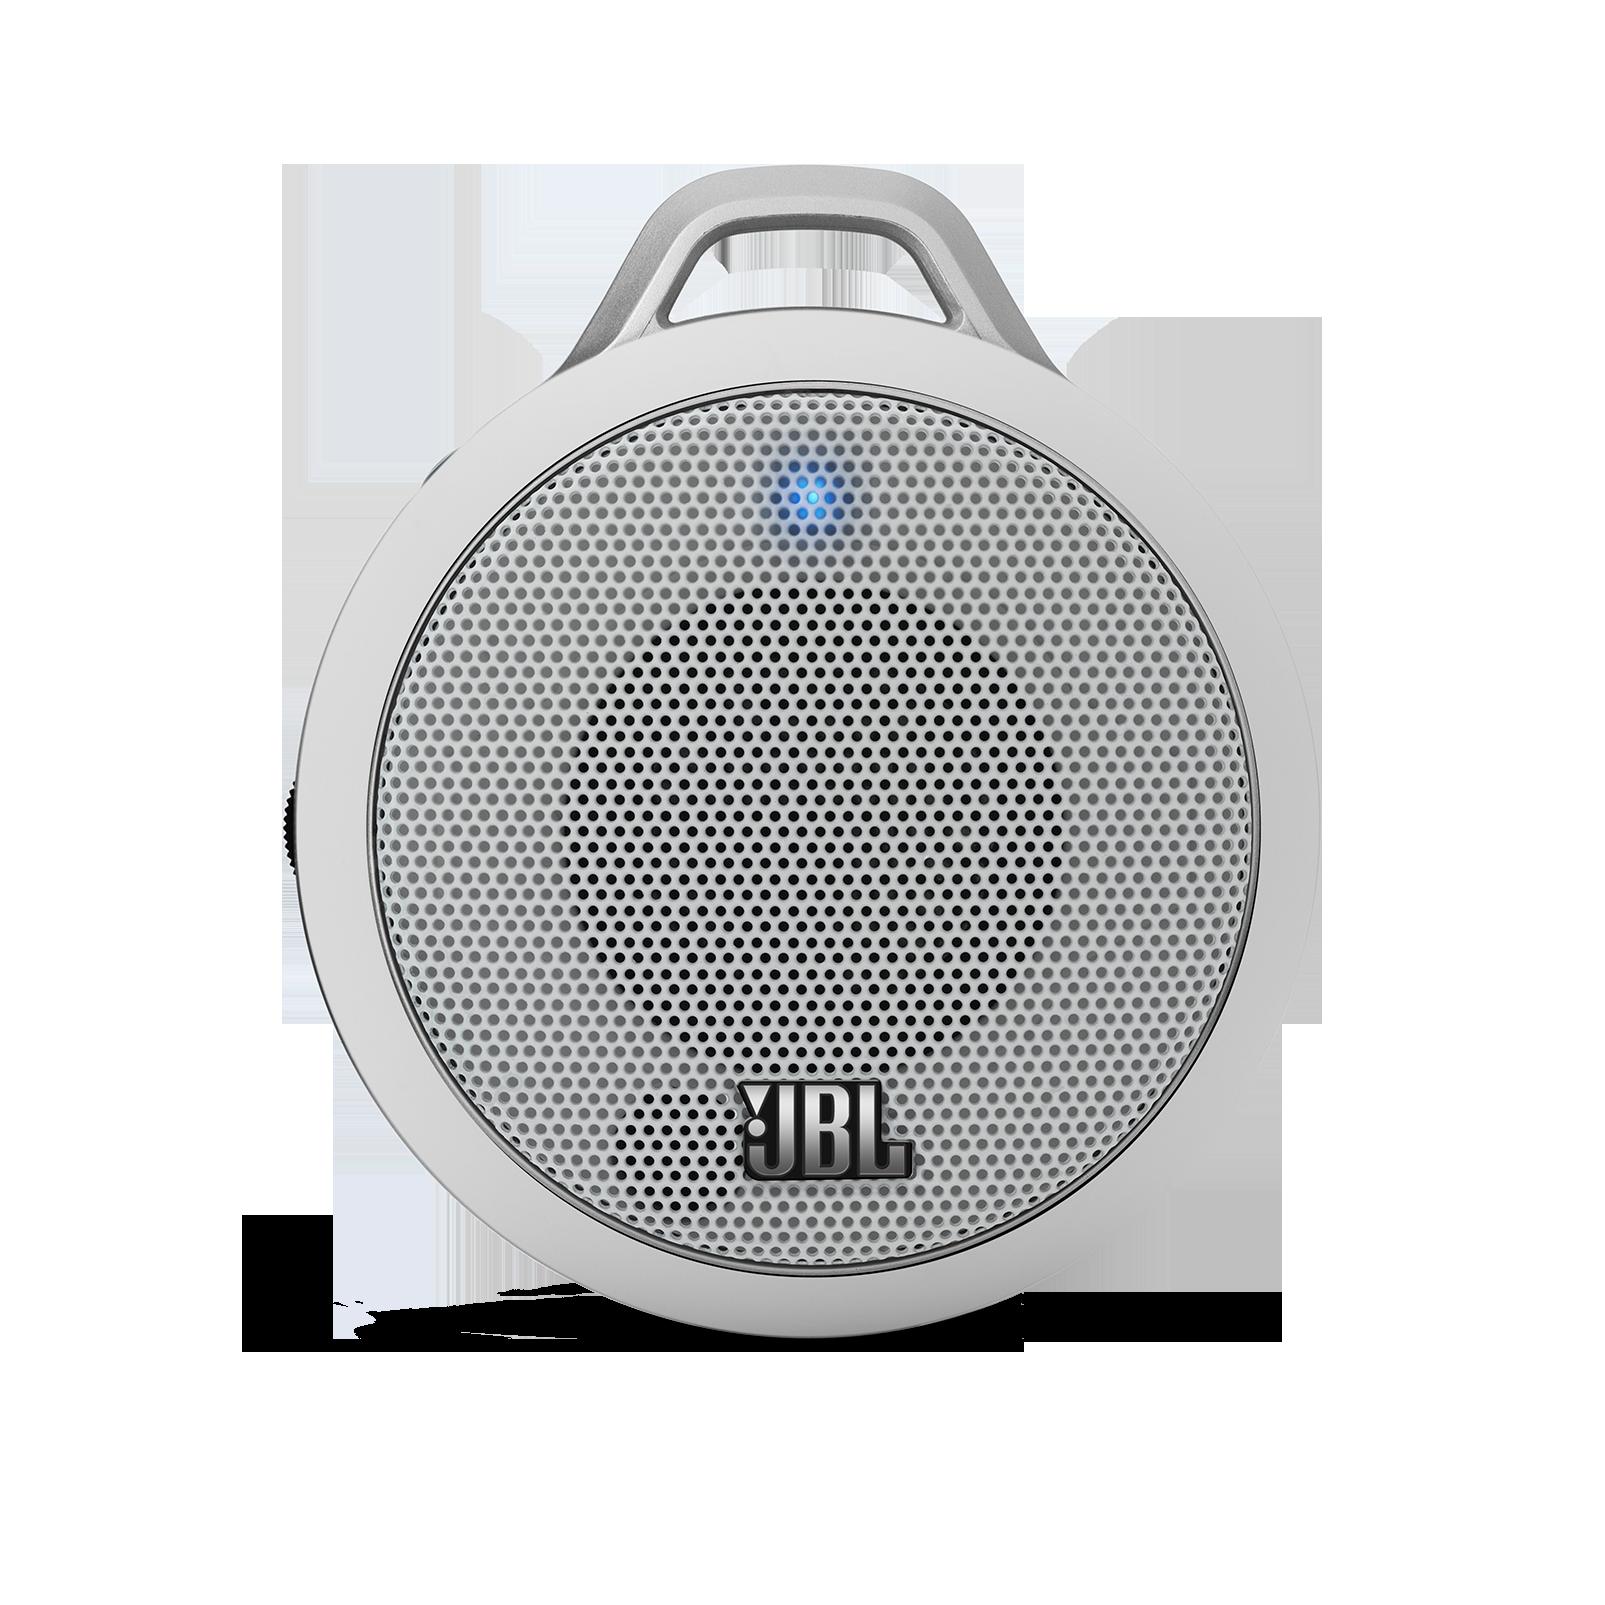 jbl micro wireless mini portable bluetooth speaker rh jbl com jbl micro wireless pairing jbl radial micro user manual